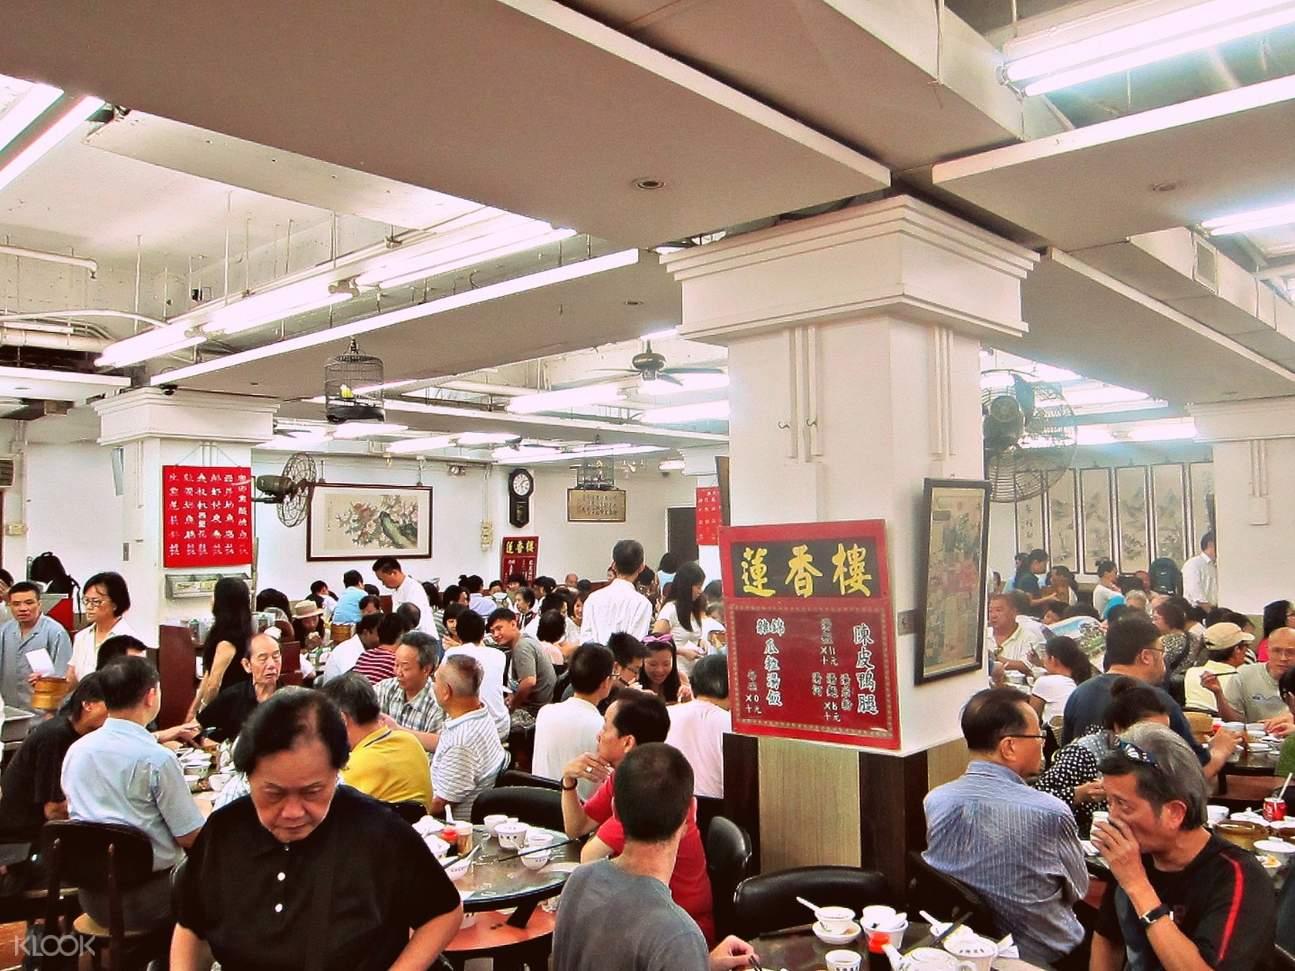 dim sum restaurant hong kong